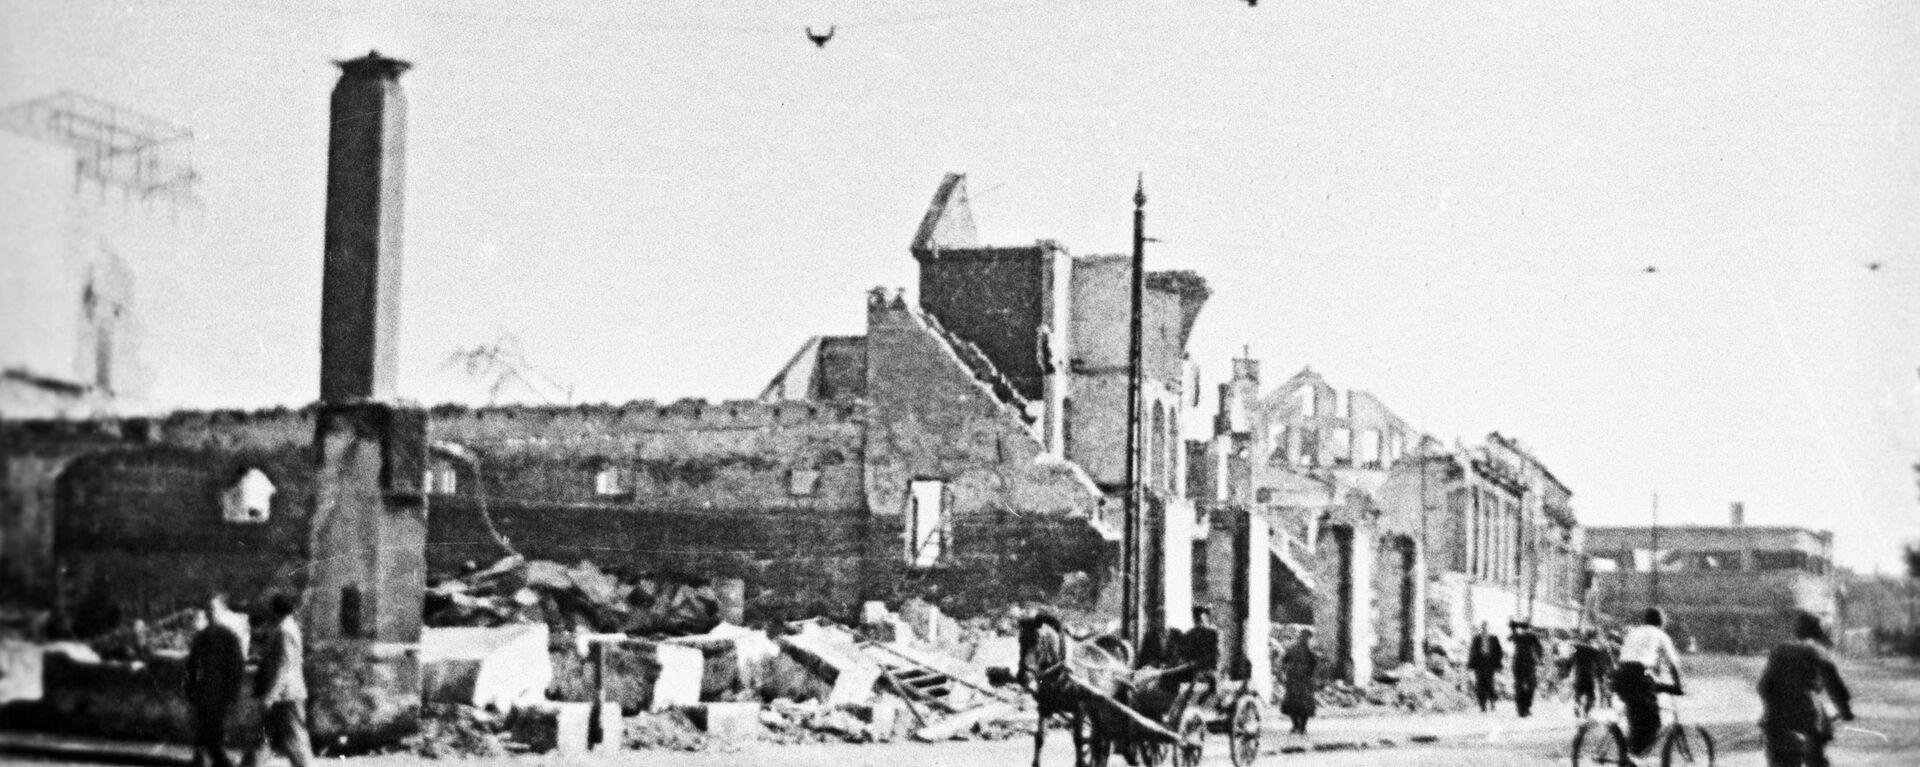 Разрушенный город Лиепая - Sputnik Латвия, 1920, 22.06.2017